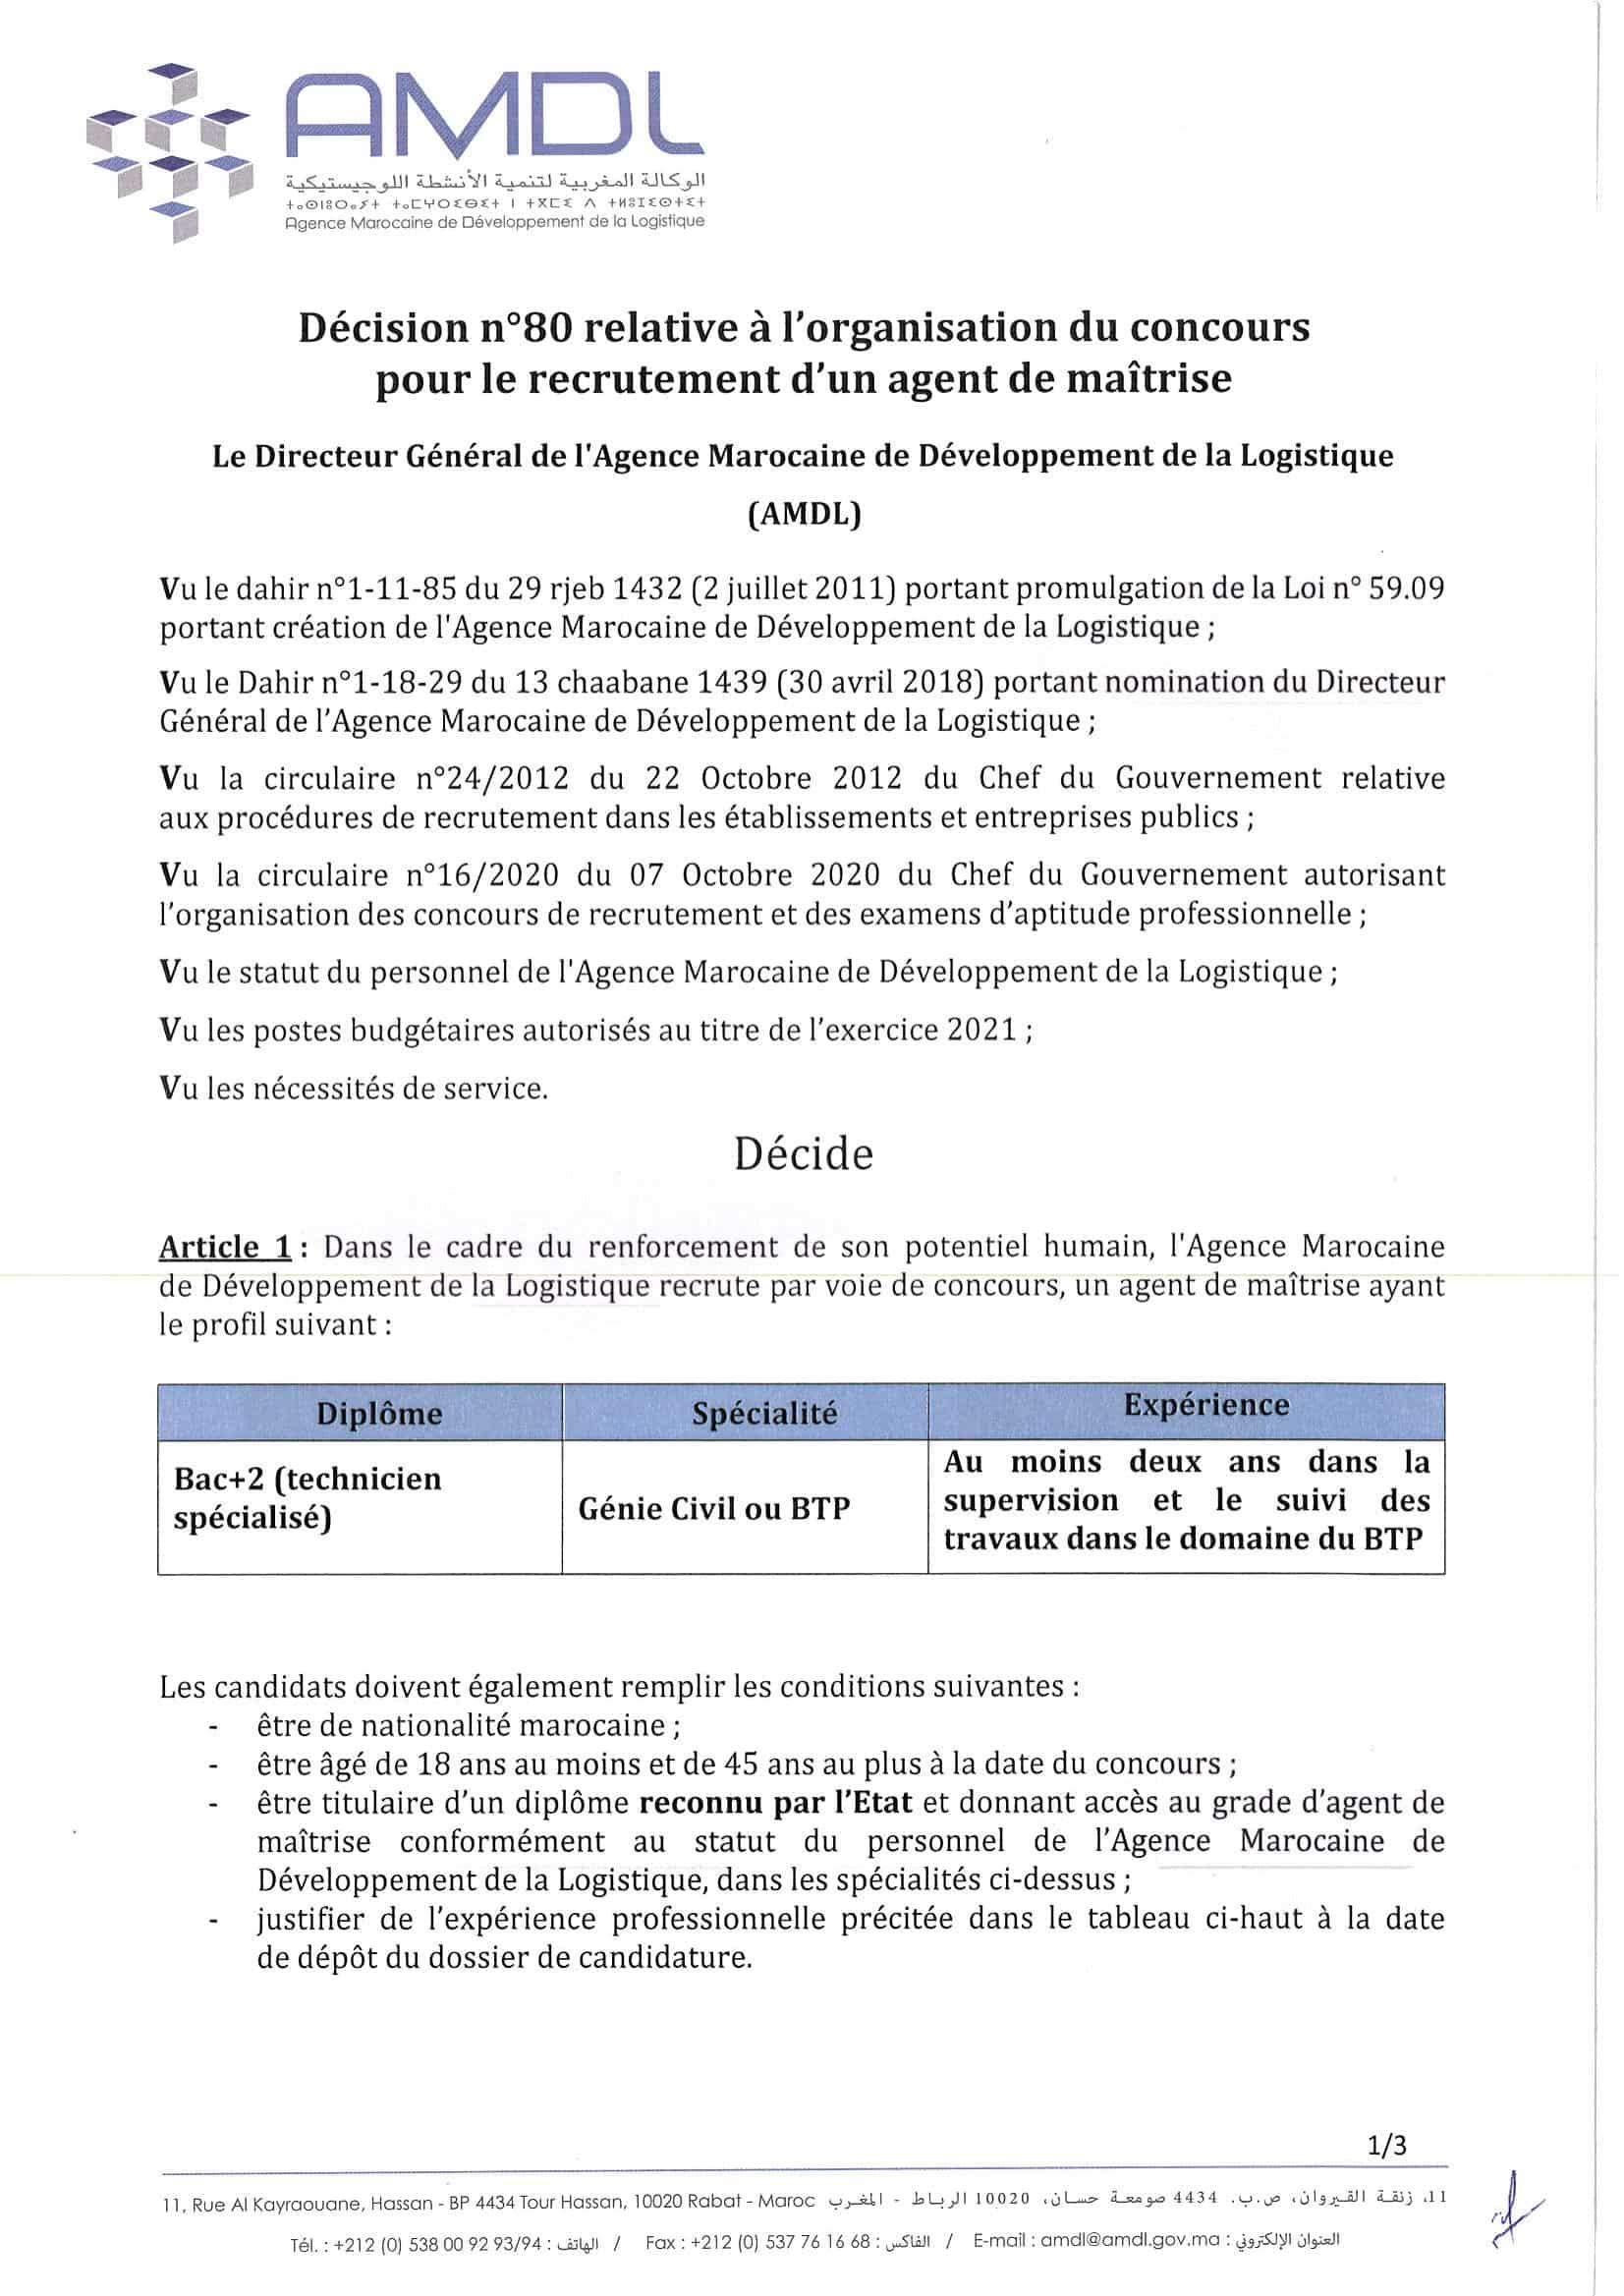 ConcoursAM 1 Concours Agence Marocaine de Développement de la Logistique (8 Postes)